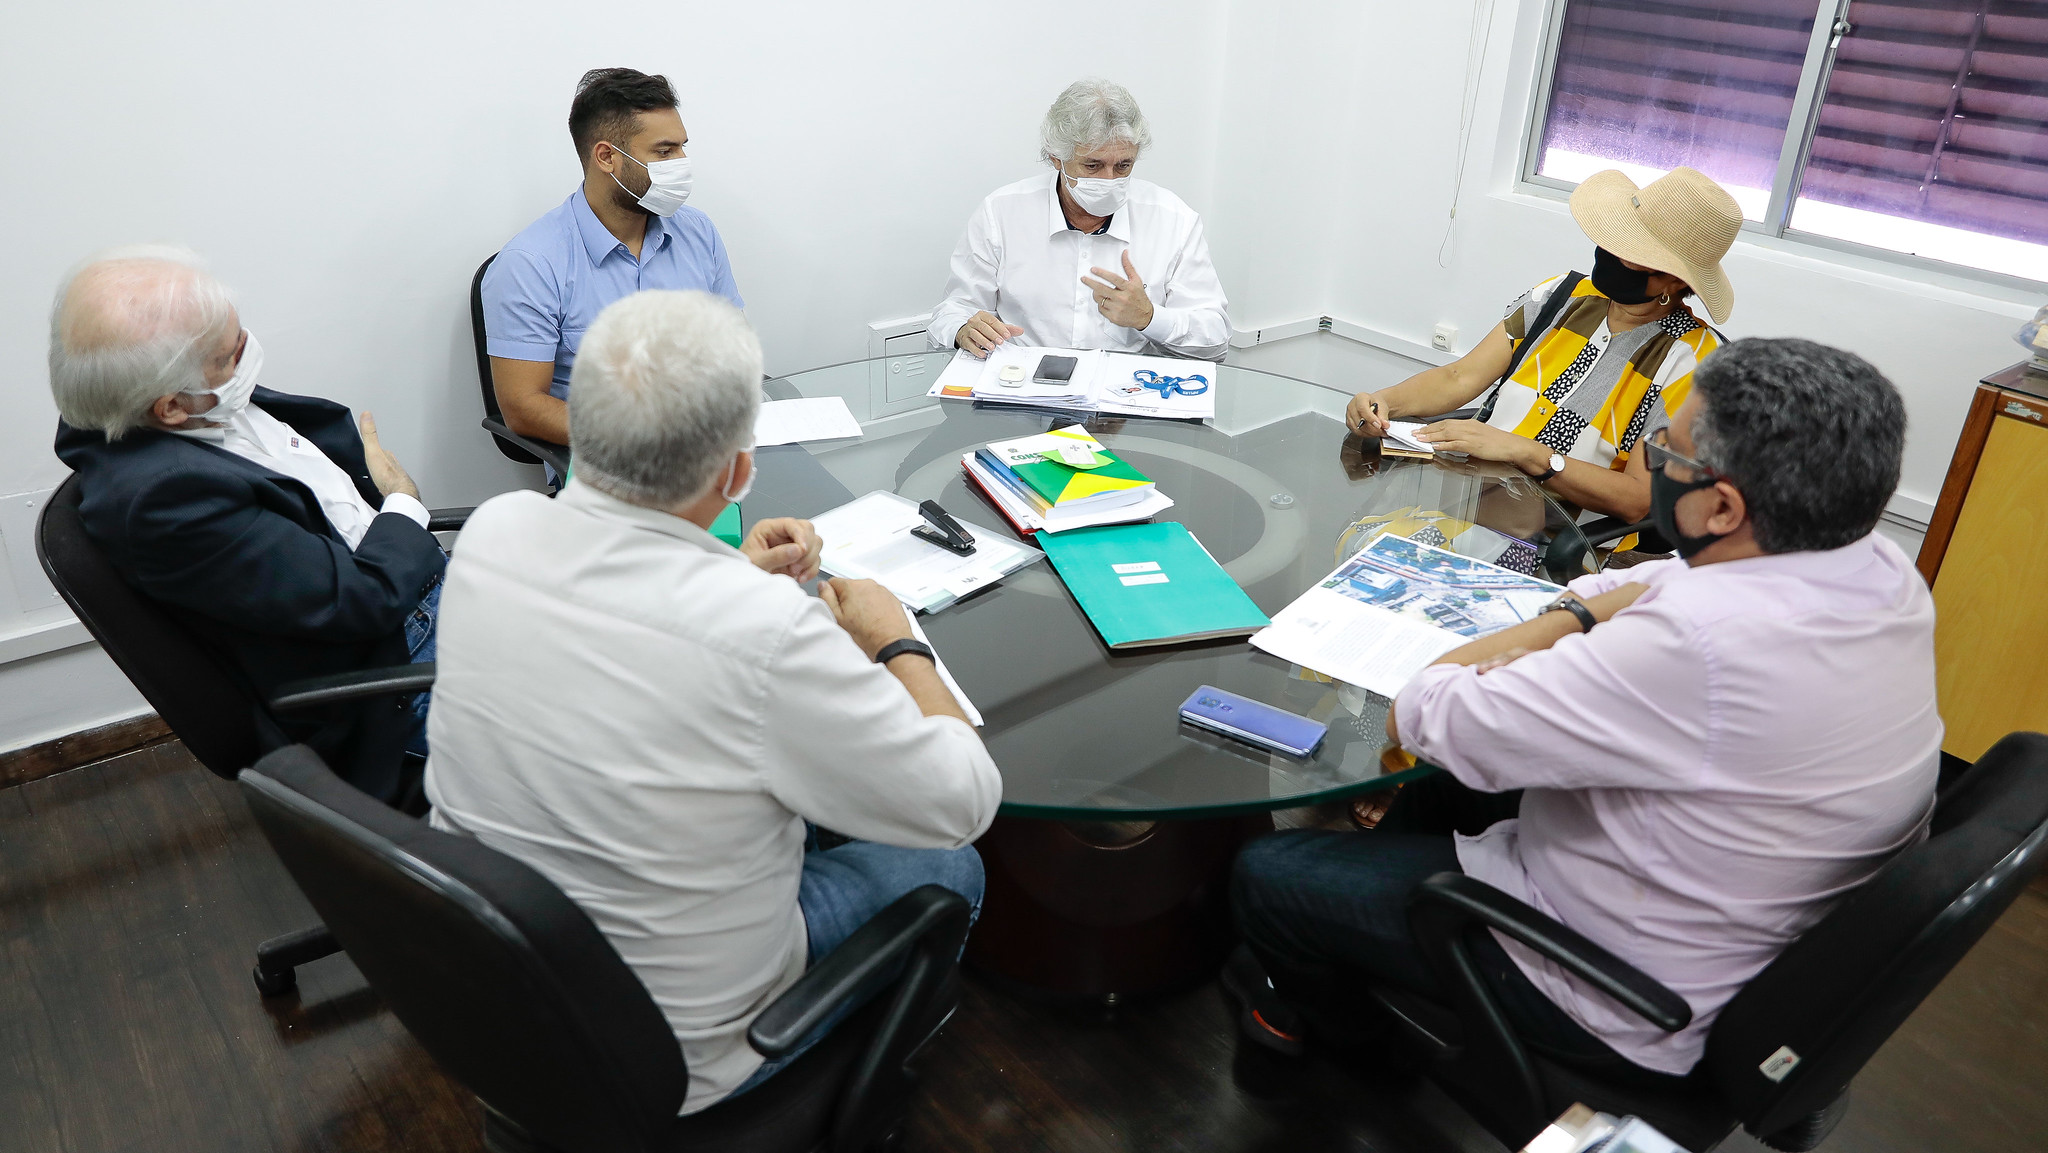 Projeto 'Casa do TCE' será lançado pela Prefeitura de Manaus e o Tribunal de Contas